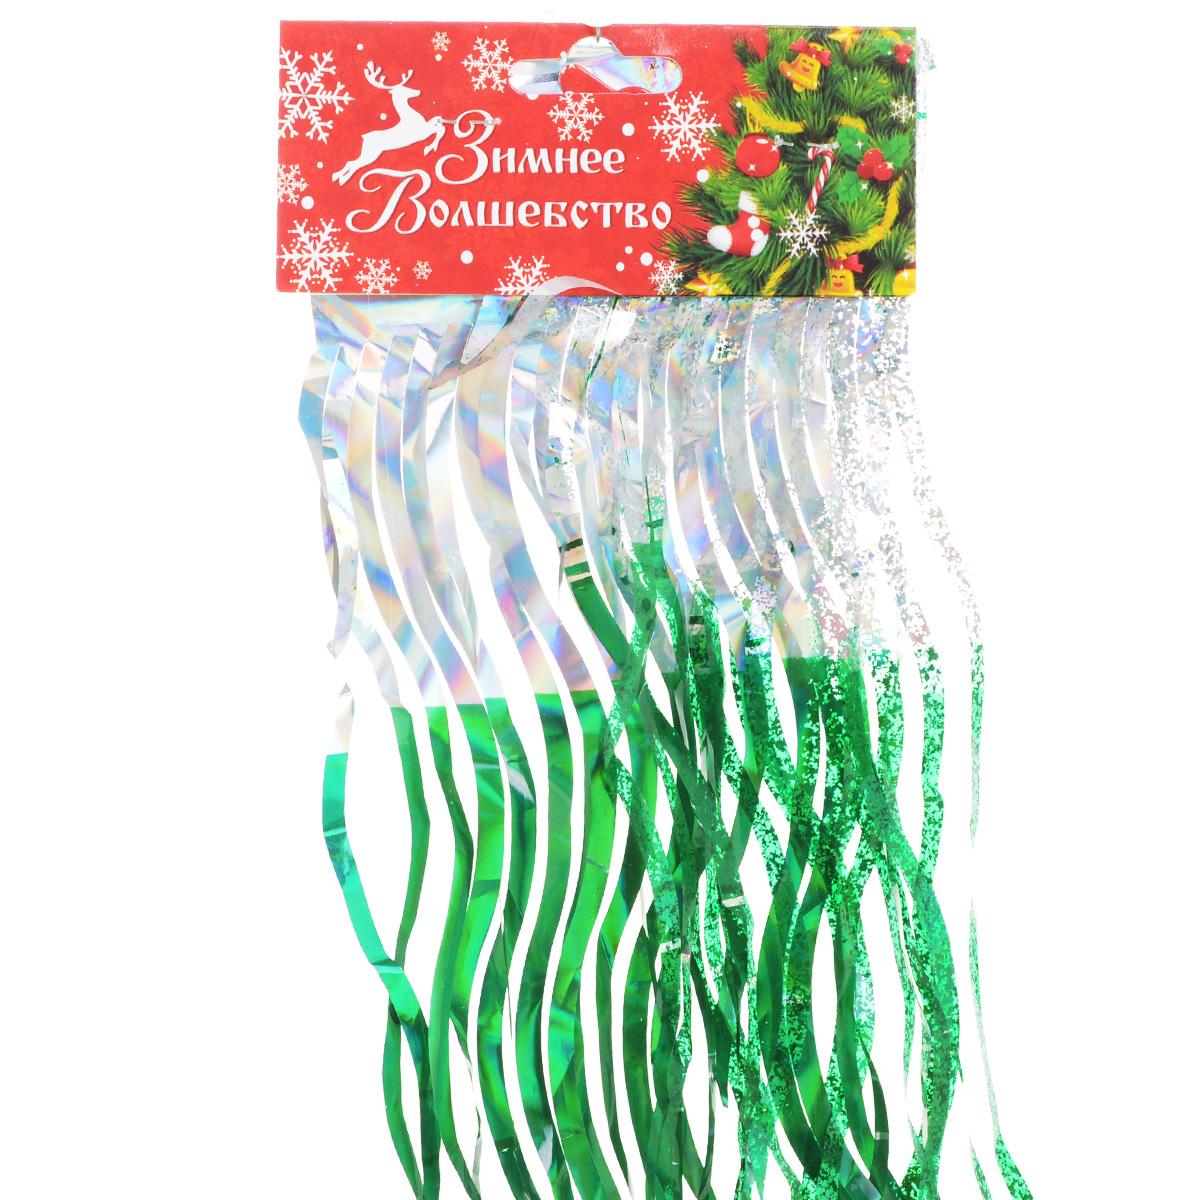 Дождик новогодний Sima-land, цвет: зеленый, серебристый, 15 х 100 см 701539701539Двухцветный новогодний дождик Sima-land, изготовленный из фольги, поможет вам украсить свой дом к предстоящим праздникам. Новогодняя елка с таким украшением станет еще наряднее. Новогодним дождиком можно украсить все, что угодно - елку, квартиру, дачу, офис - как внутри, так и снаружи. Можно сложить новогодние поздравления, буквы и цифры, дождиком можно украсить и дополнить гирлянды, можно выделить дверные колонны, оплести дверные проемы.Коллекция декоративных украшений из серии Зимнее волшебство принесет в ваш дом ни с чем несравнимое ощущение праздника! Создайте в своем доме атмосферу тепла, веселья и радости, украшая его всей семьей.Ширина: 15 см.